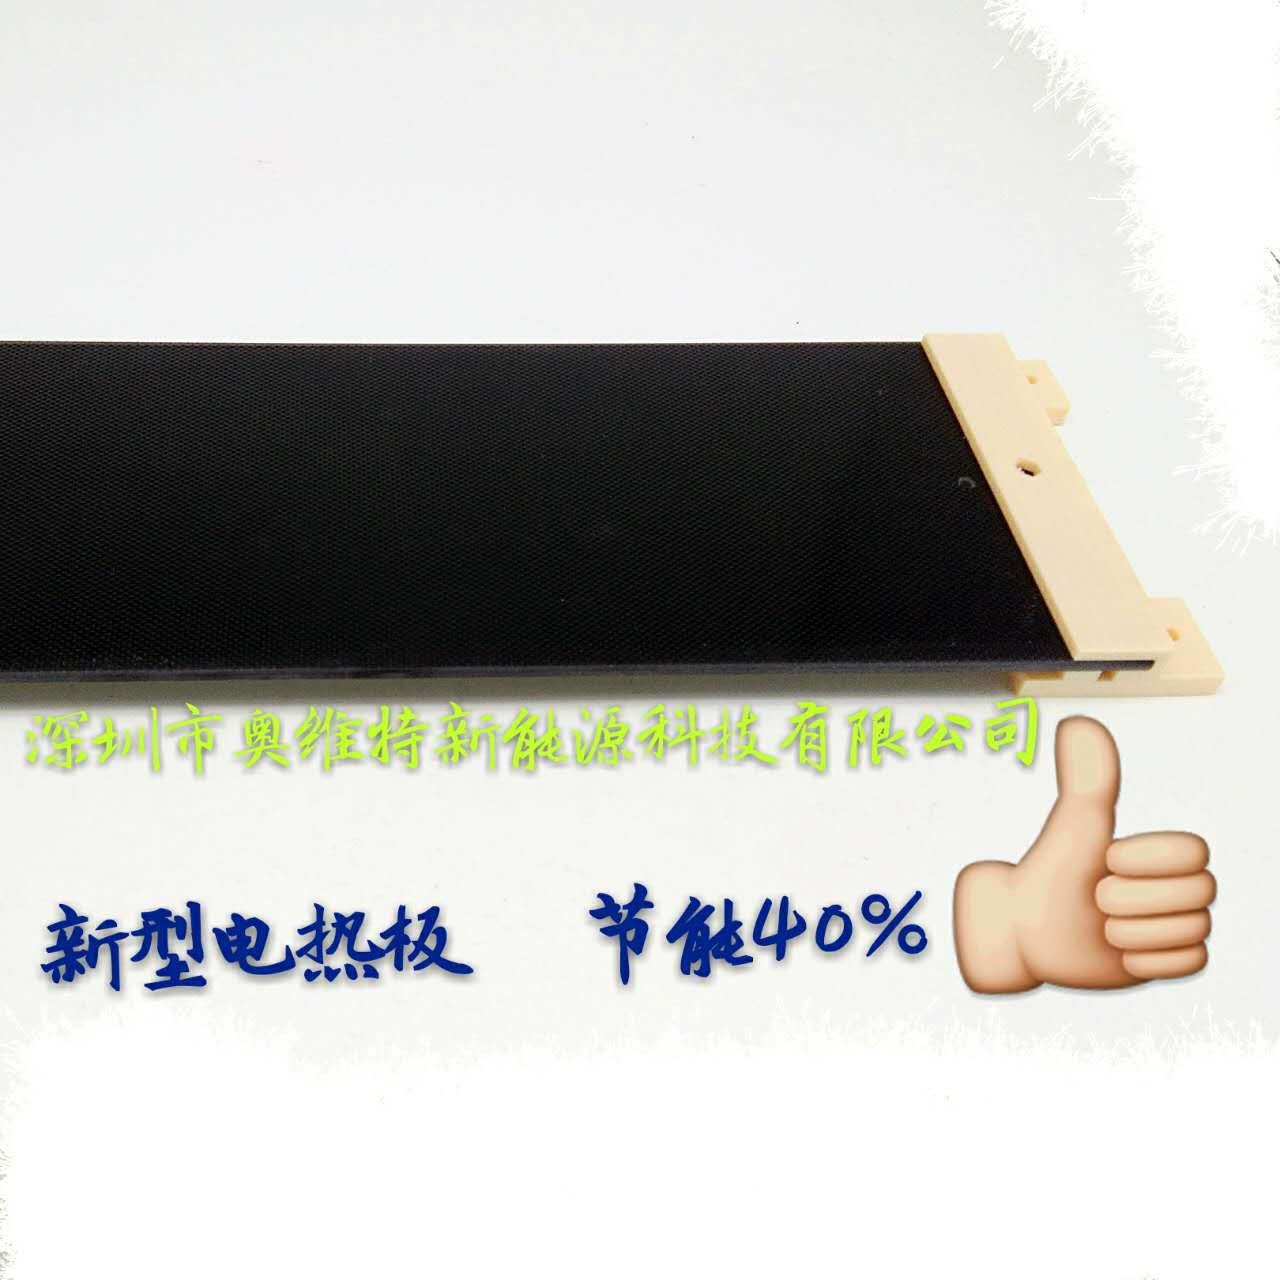 新能源胶水烘干加热板质量稳定、性能优异